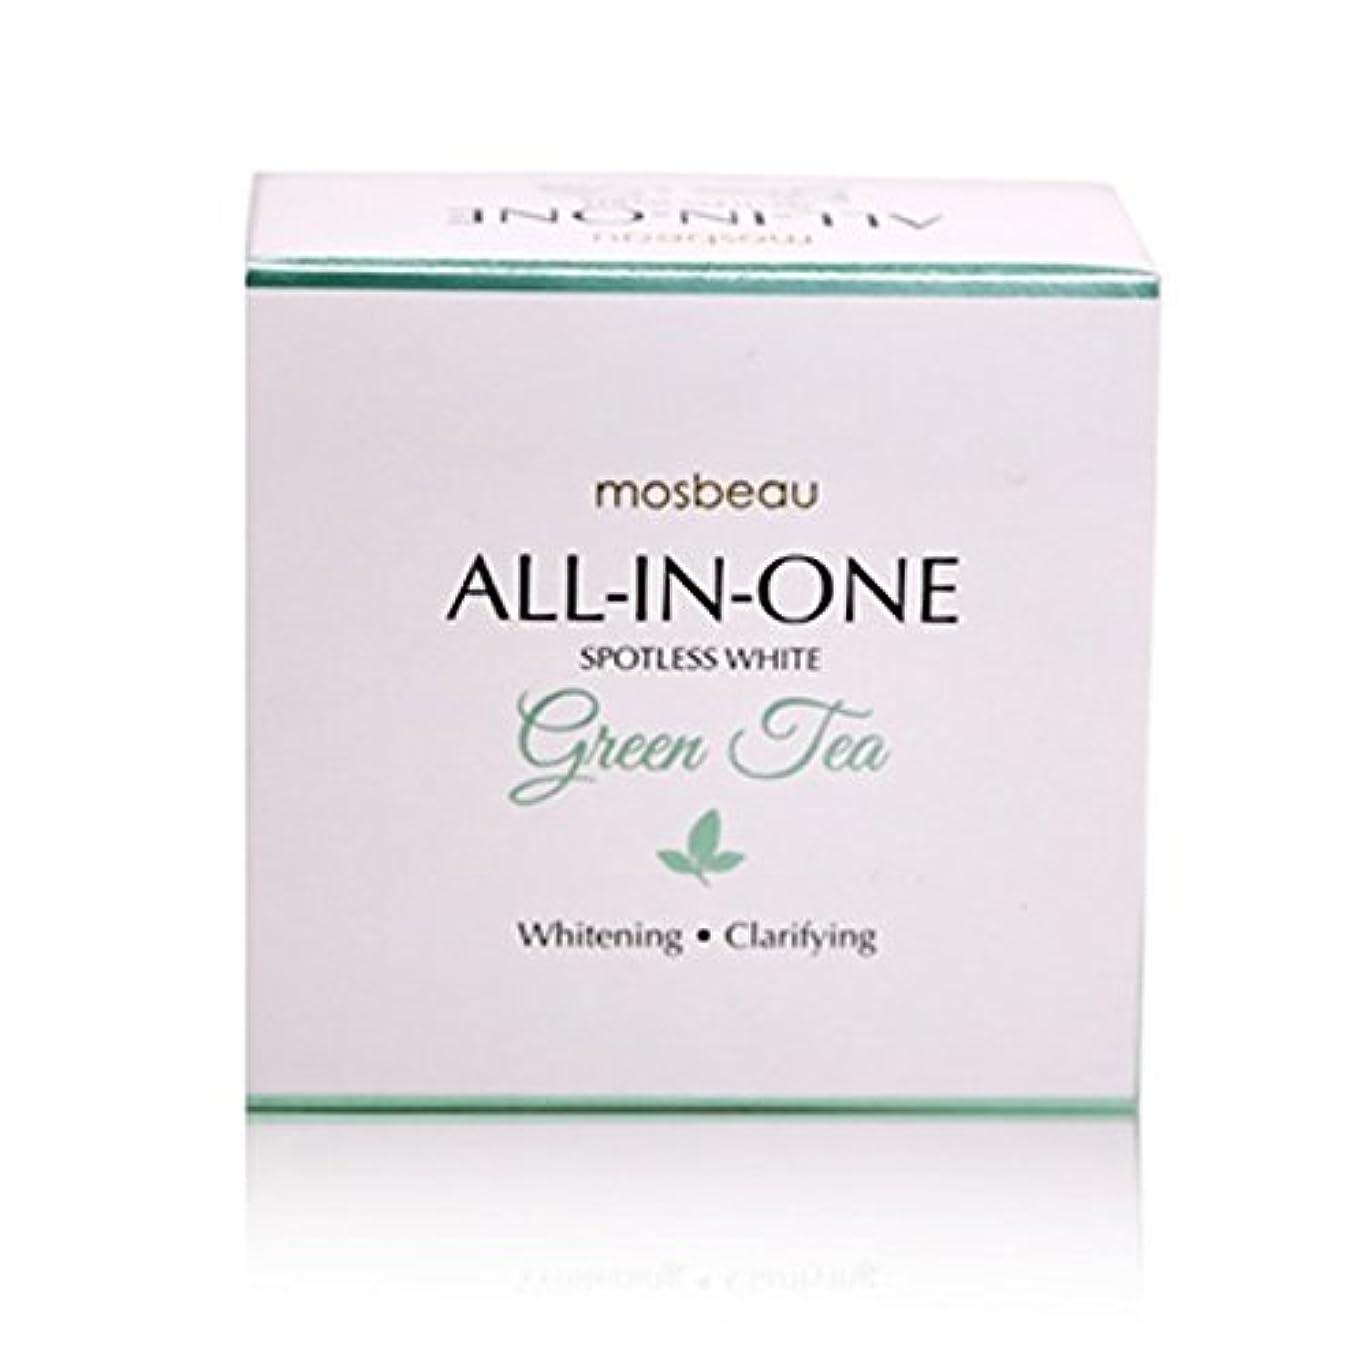 飛躍展開する取り壊すmosbeau Spotless White GREEN TEA Facial Soap 100g モスビュー スポットレス ホワイト グリーンティー フェイシャル ソープ